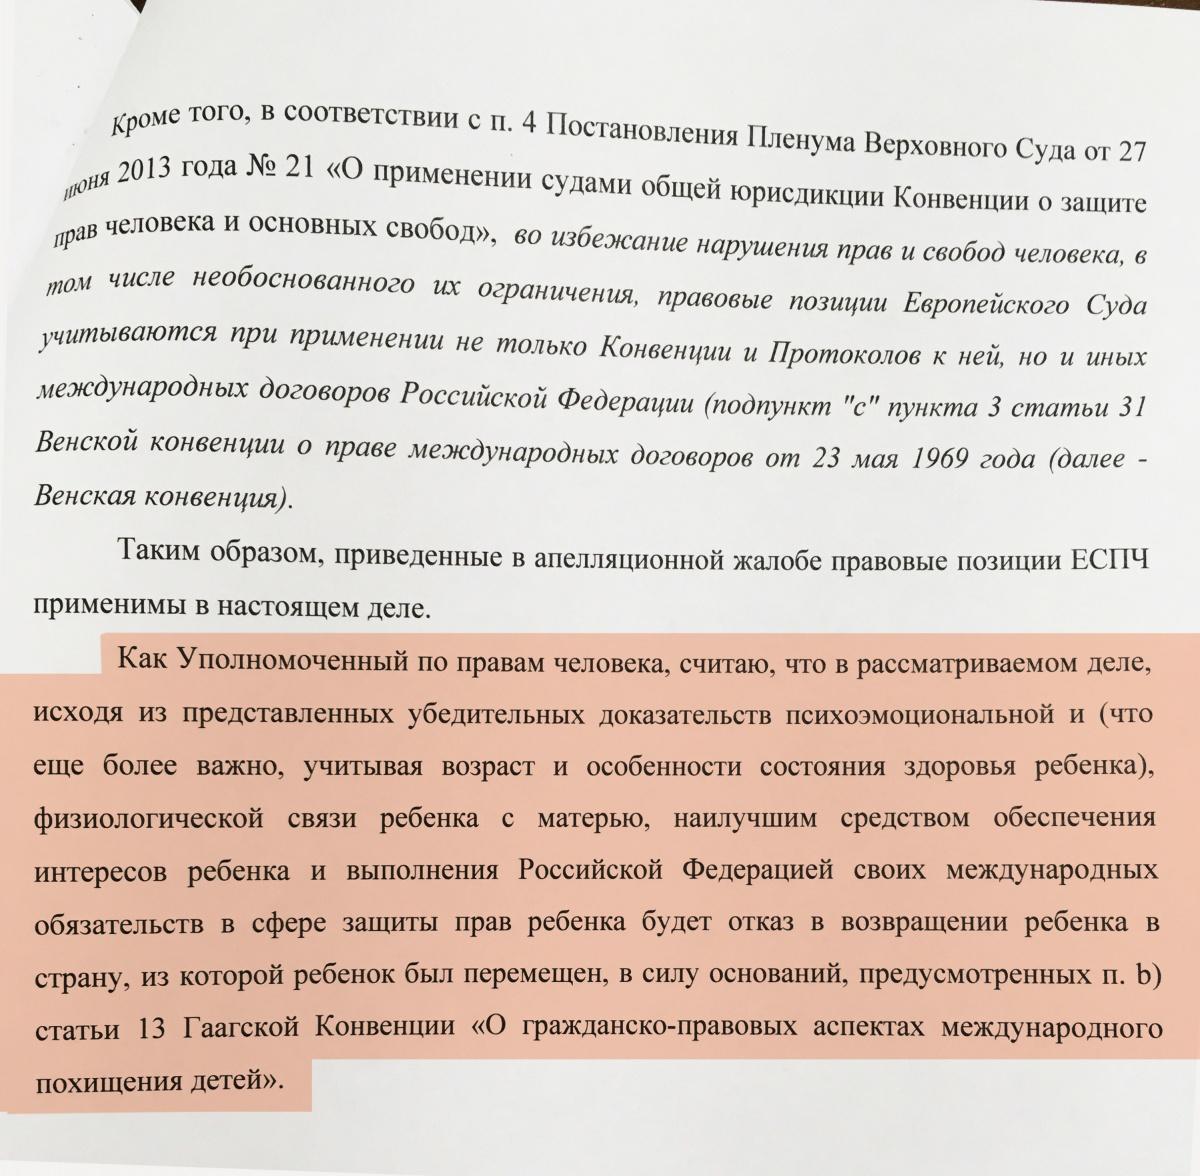 А это часть документа от уполномоченного по правам человека в Свердловской области Татьяны Мерзляковой